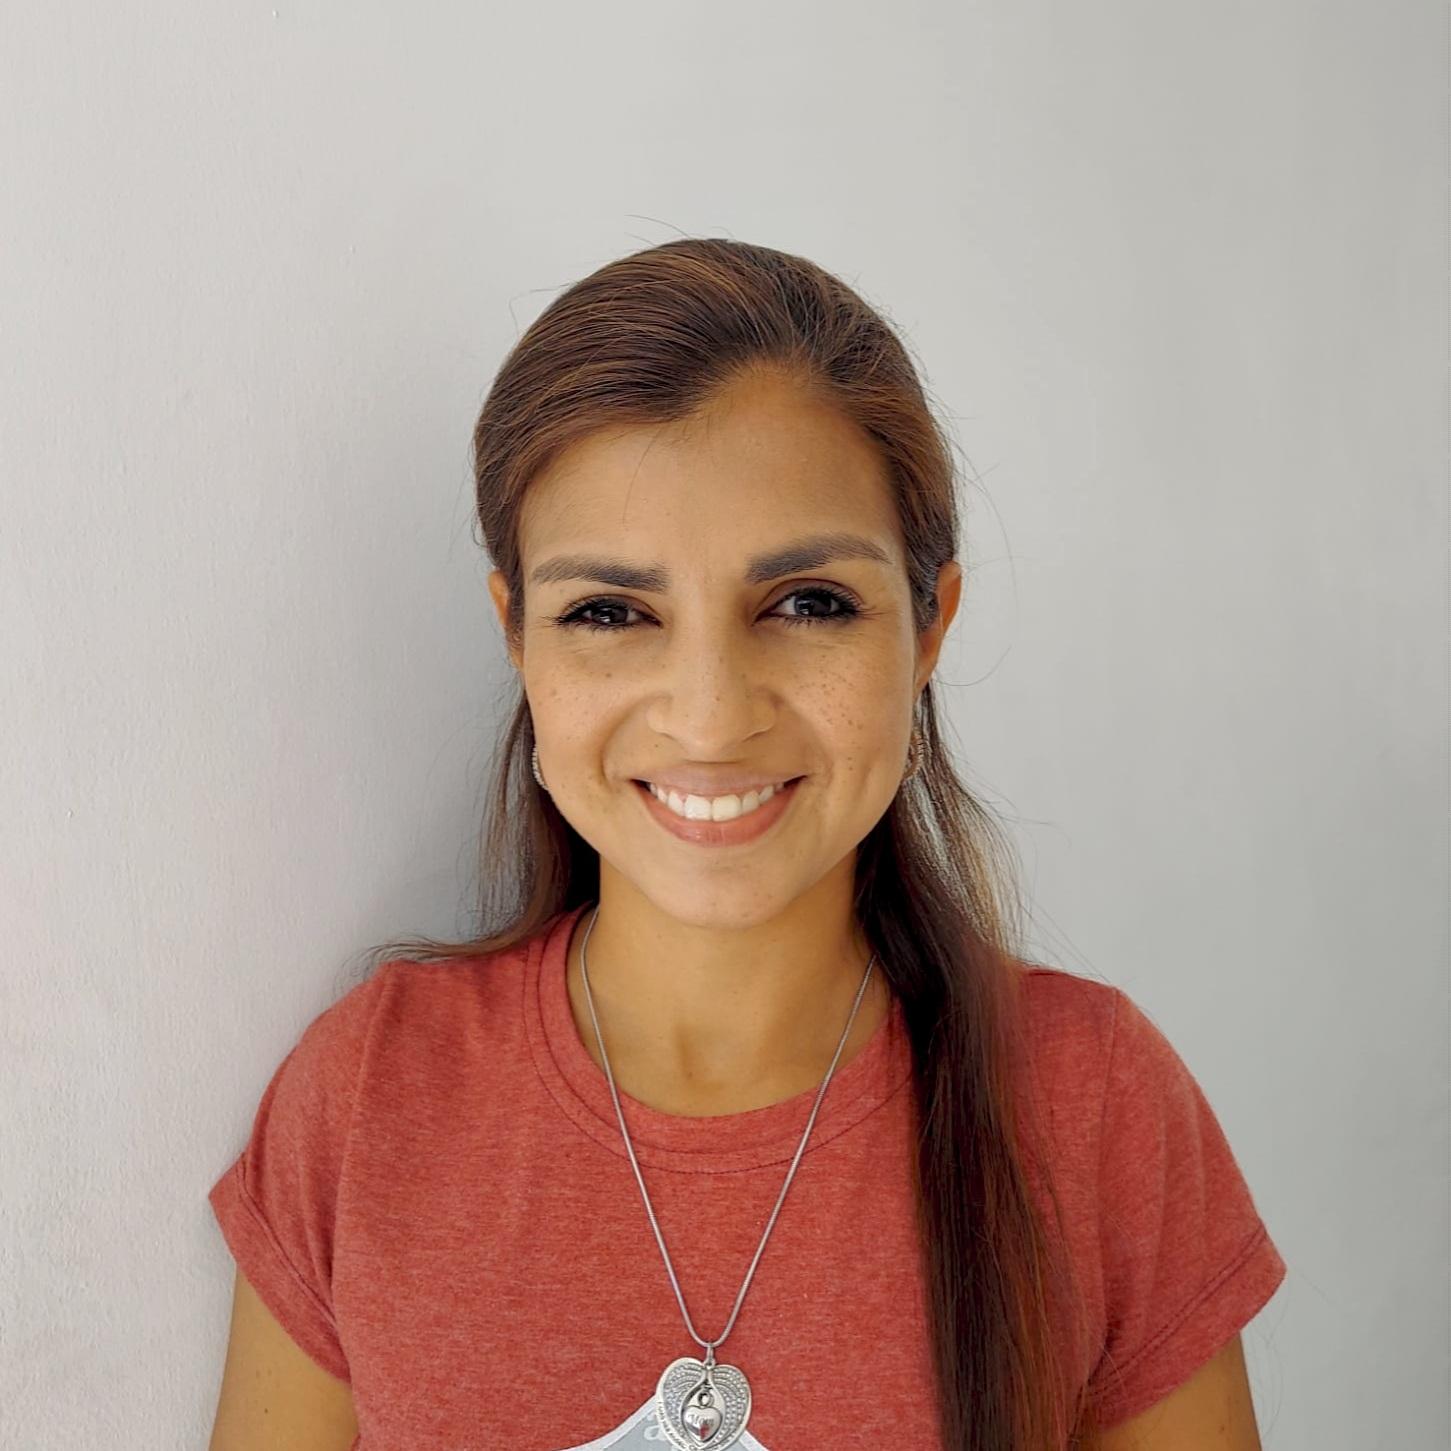 Ms. Quiroz